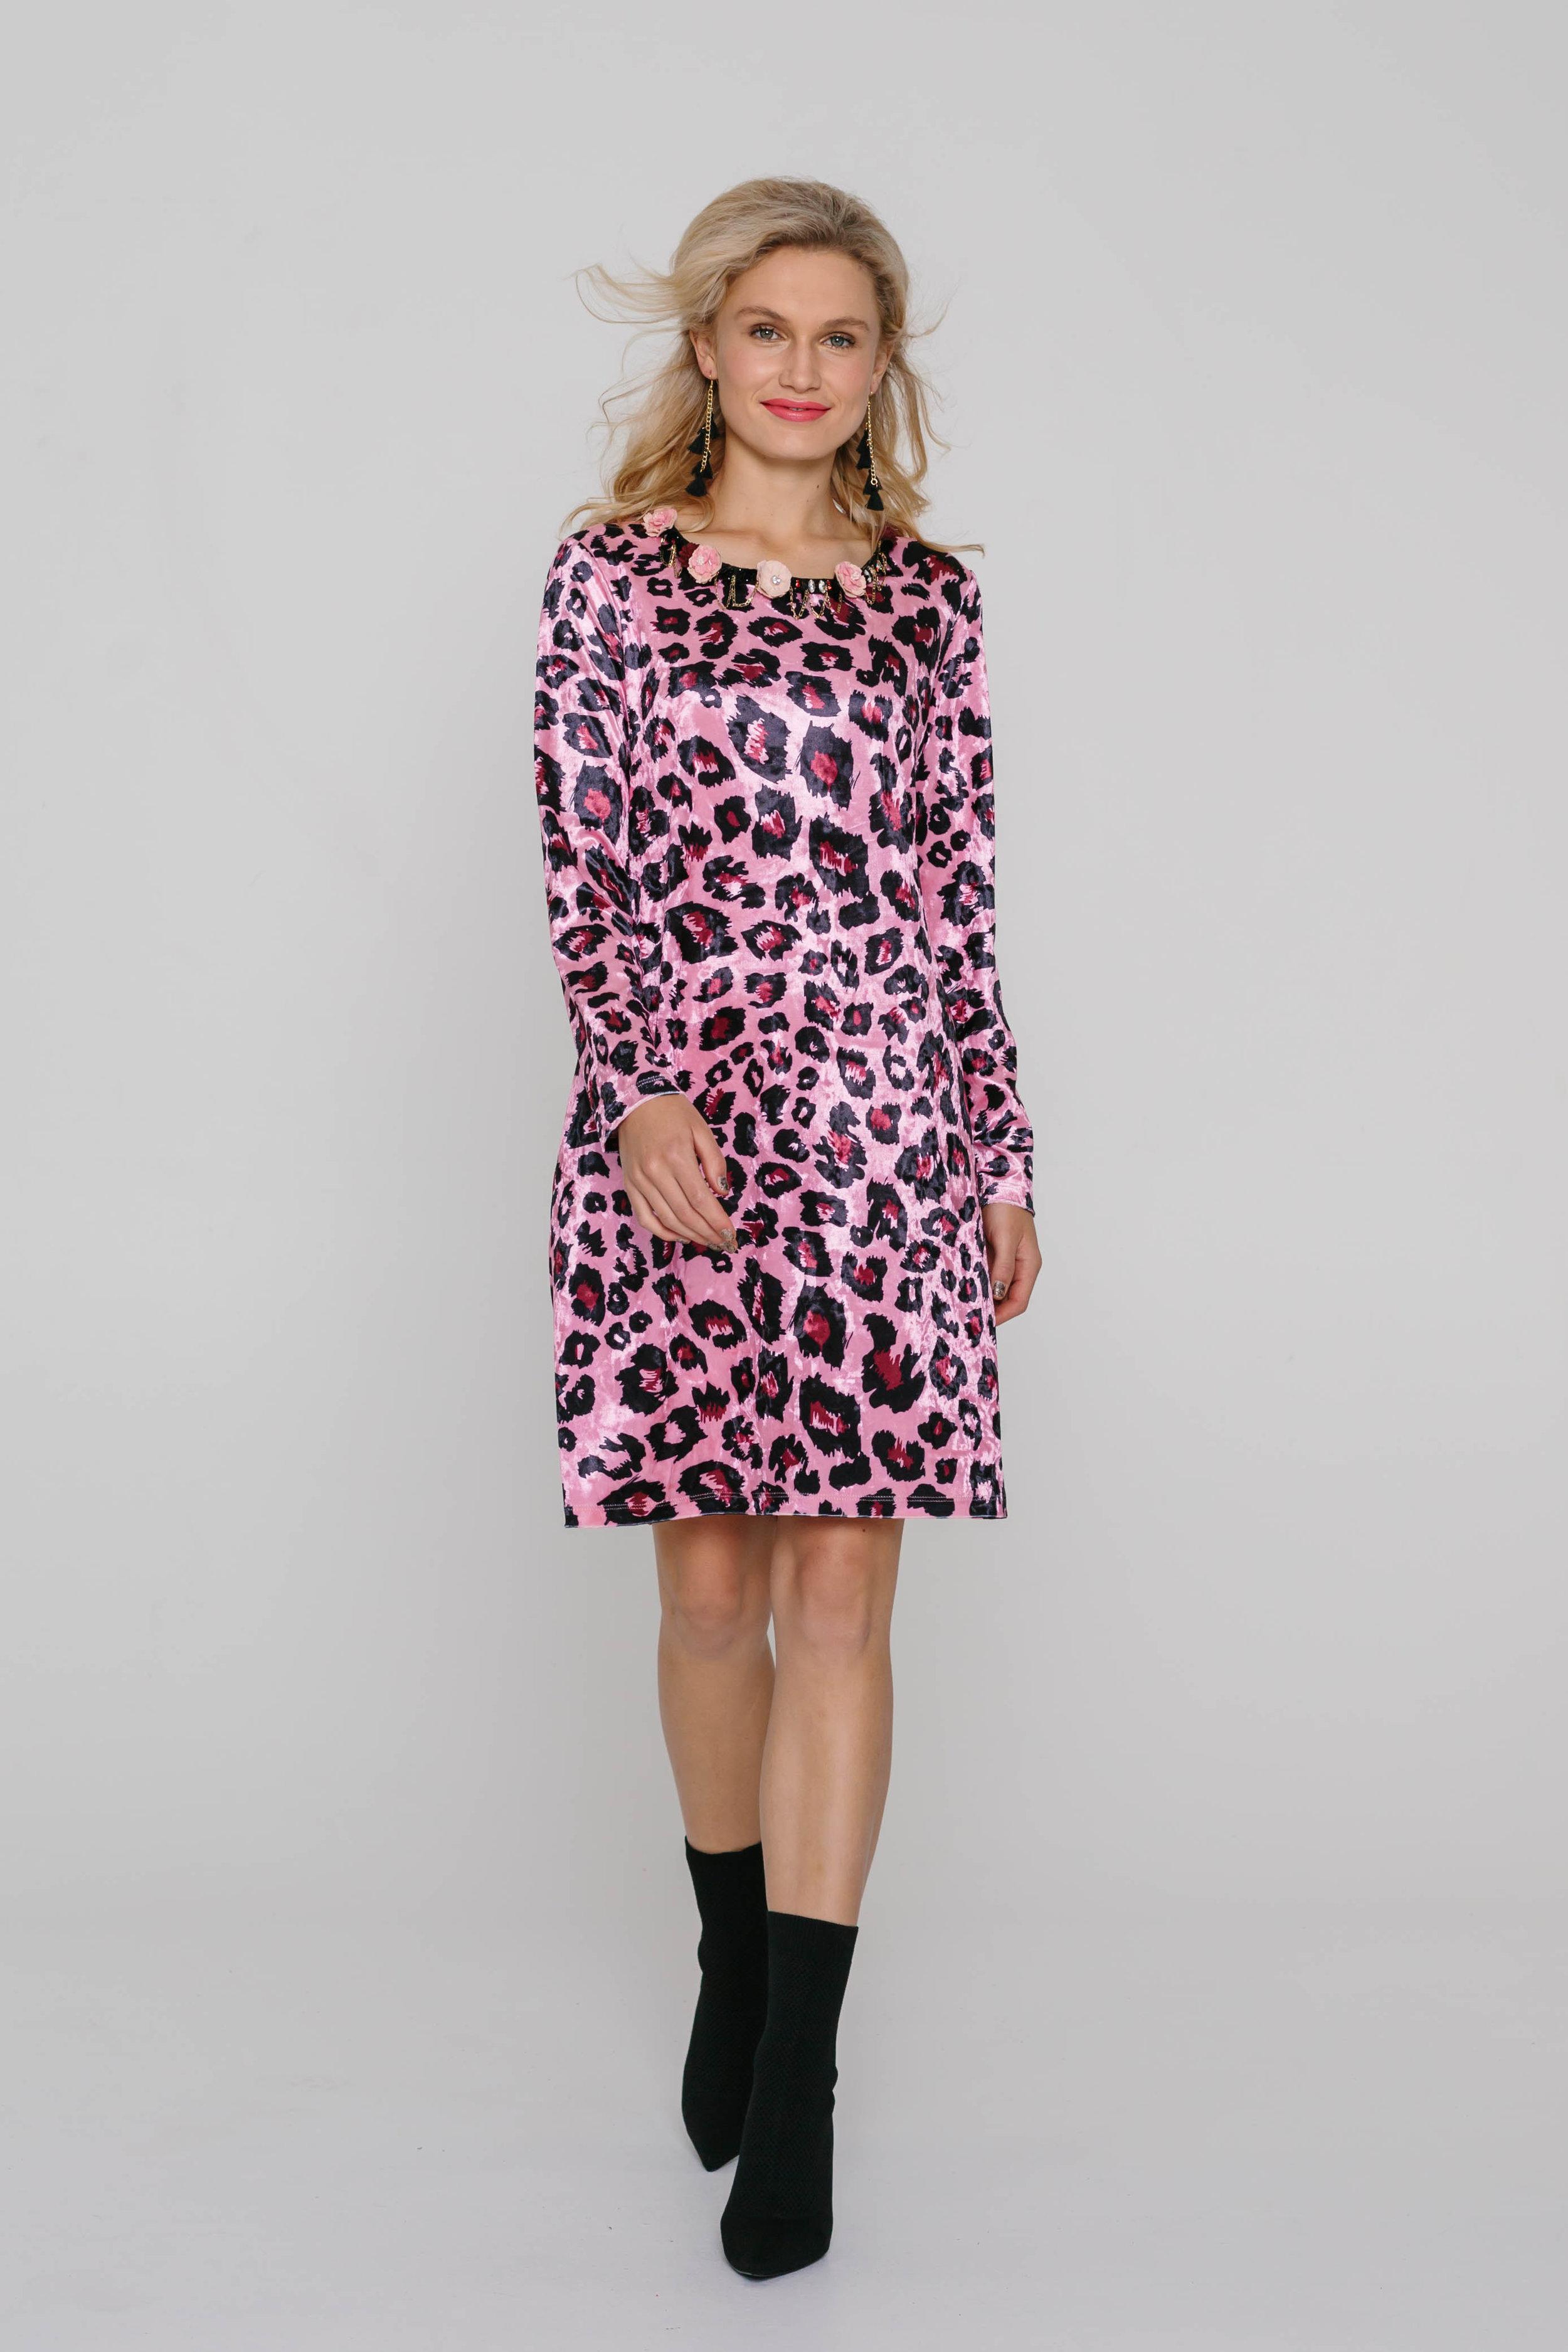 5979WA Trimmed Blondie Dress Pink Skin